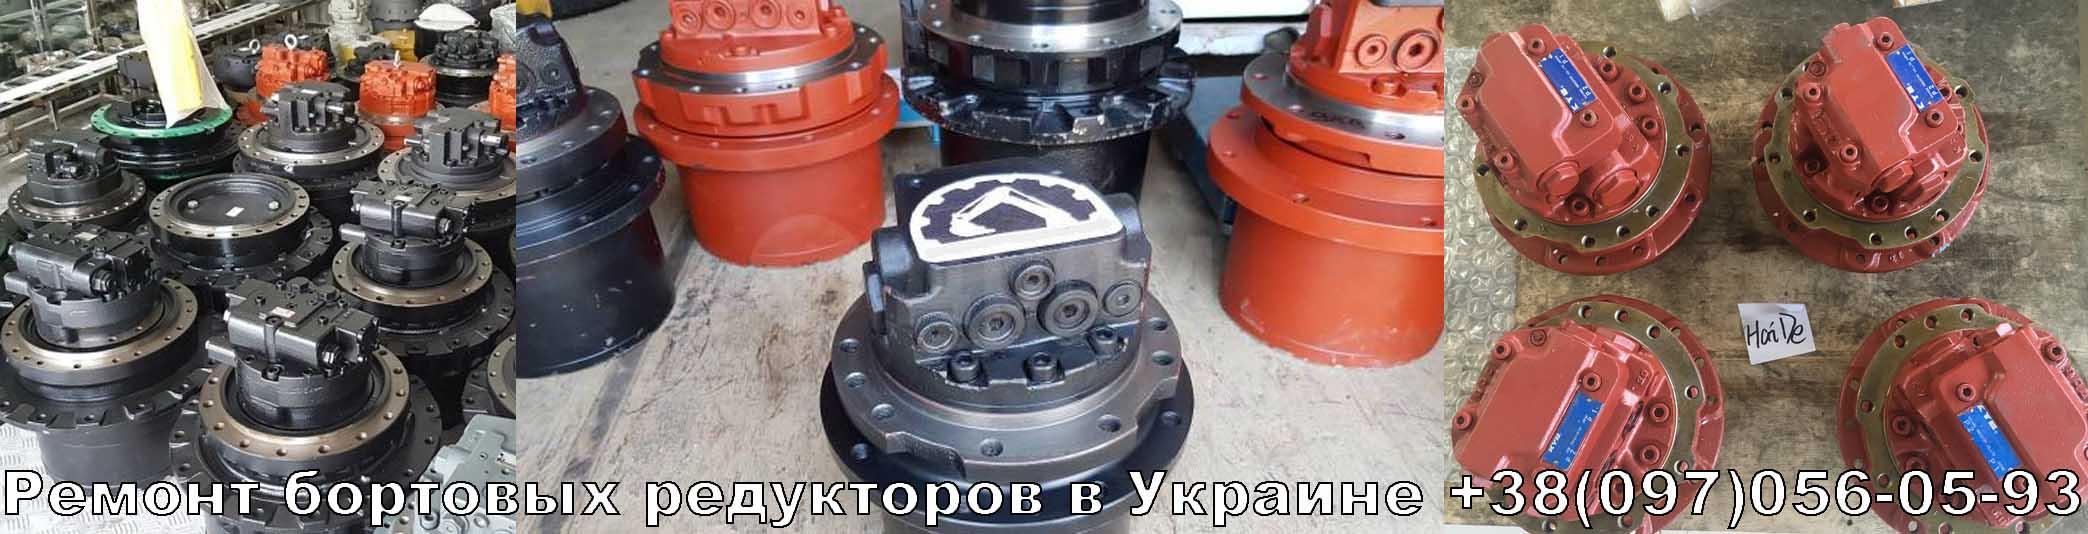 Ремонт бортового редуктора гидромотора хода гусеничного экскаватора